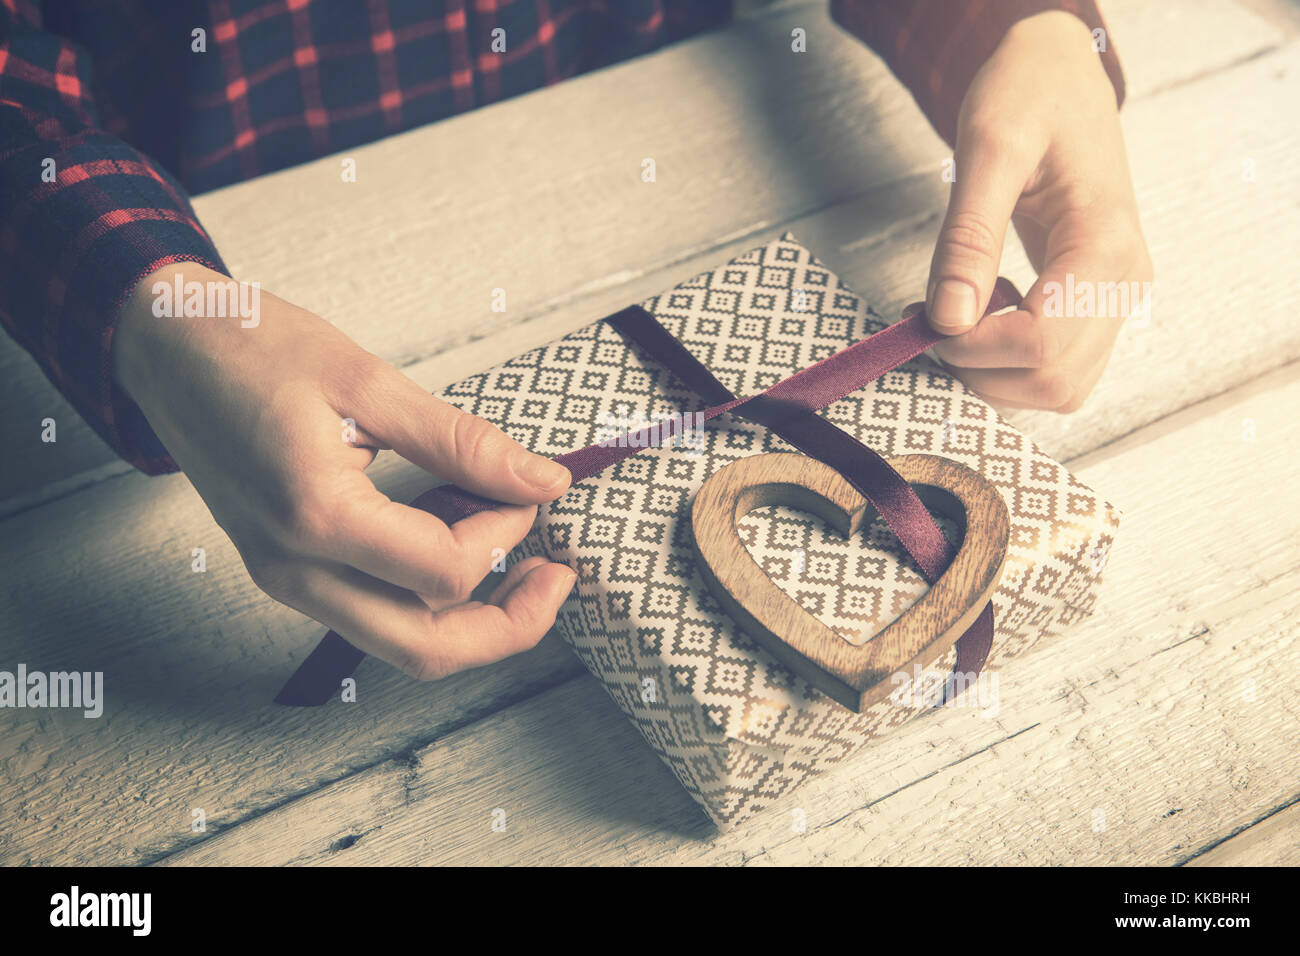 Woman wrapping un cadeau pour bien-aimé. Attacher un ribbon bow avec décor coeur en bois Photo Stock